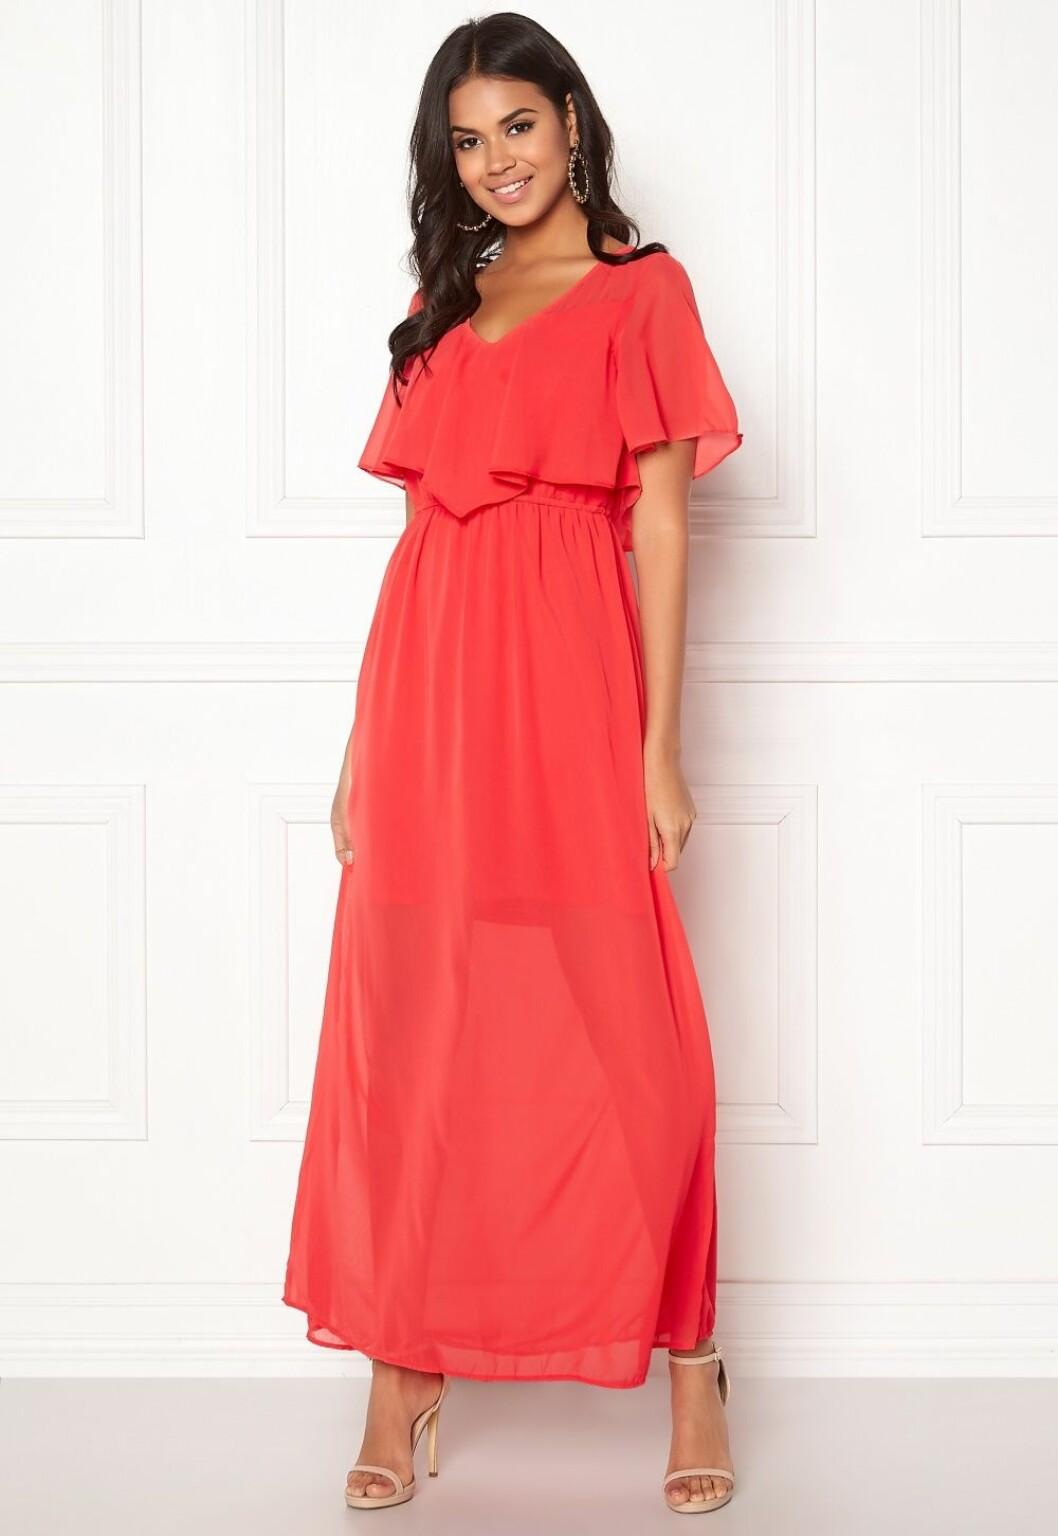 Röd klänning till bröllop för dam 2019